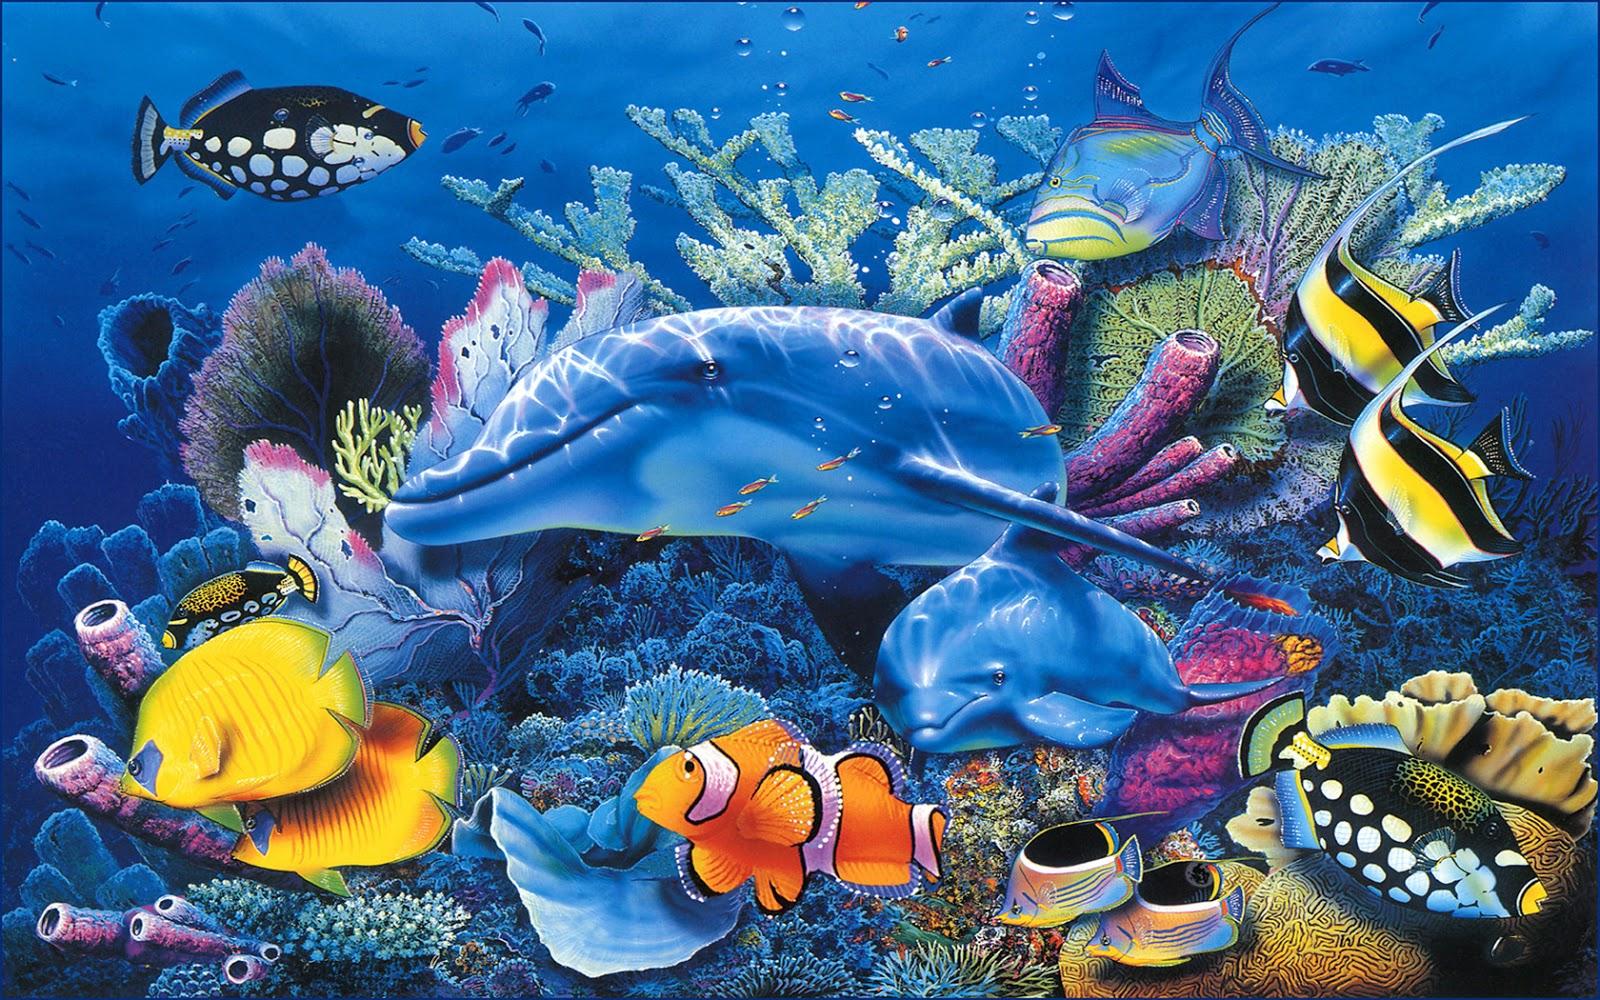 Imagenes de fondo del mar - Fotos fondo del mar ...